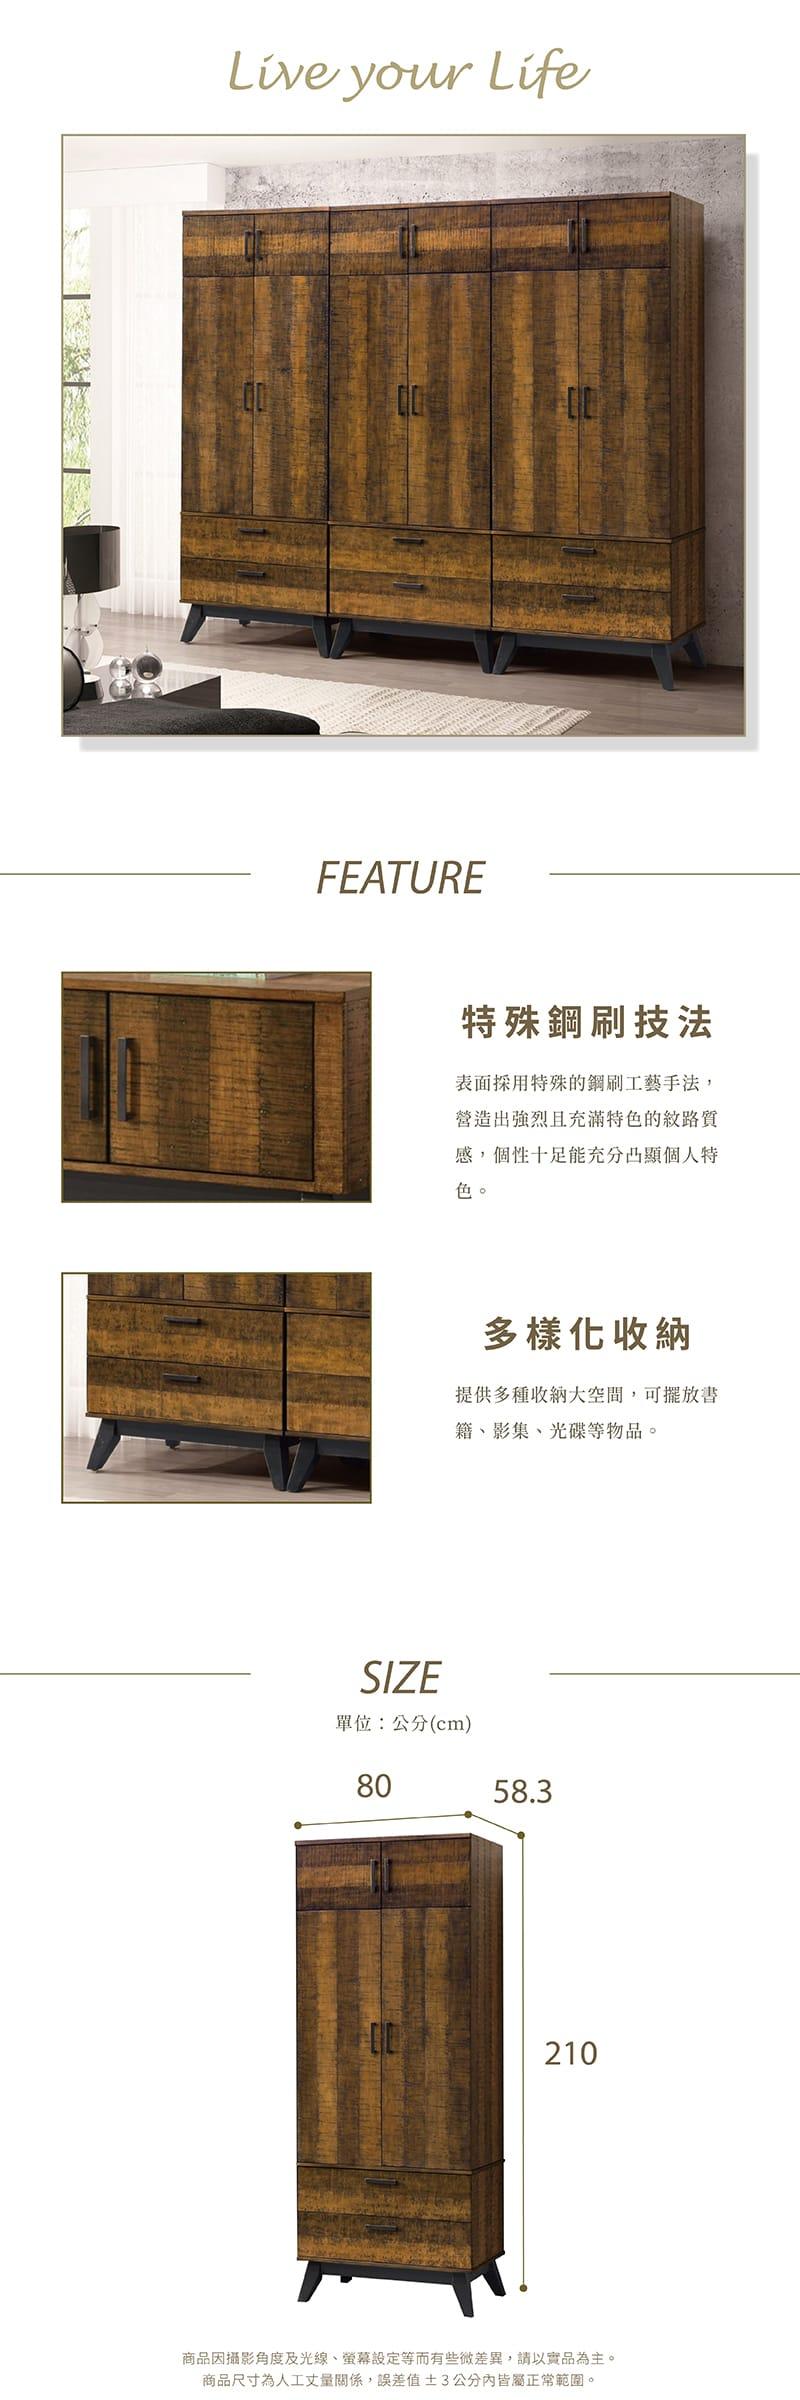 麥斯 工業風拉門收納置物衣櫃 寬80cm